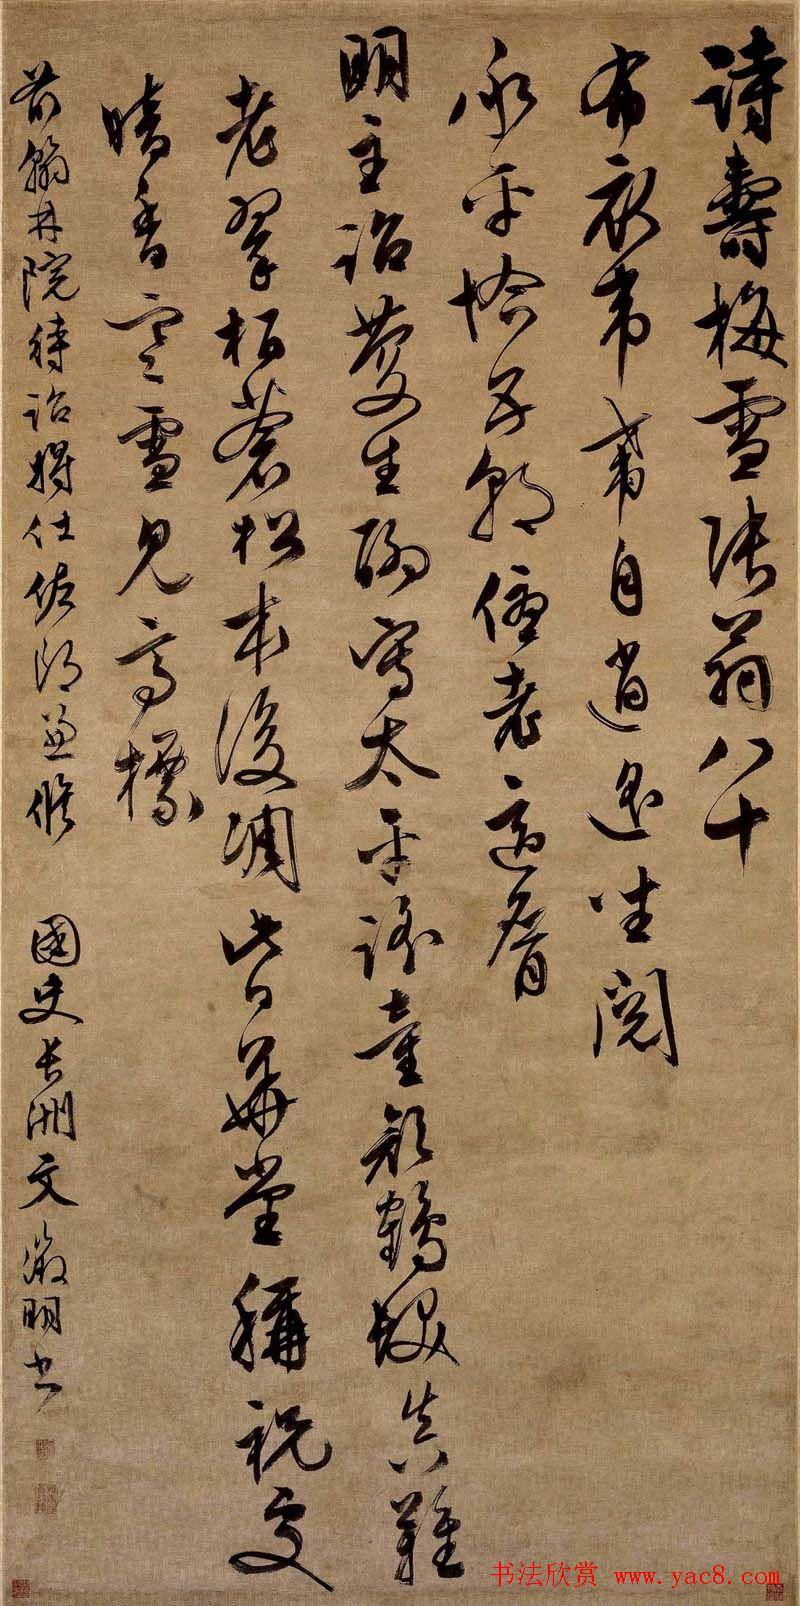 文徵明行书作品《张梅雪寿诗》